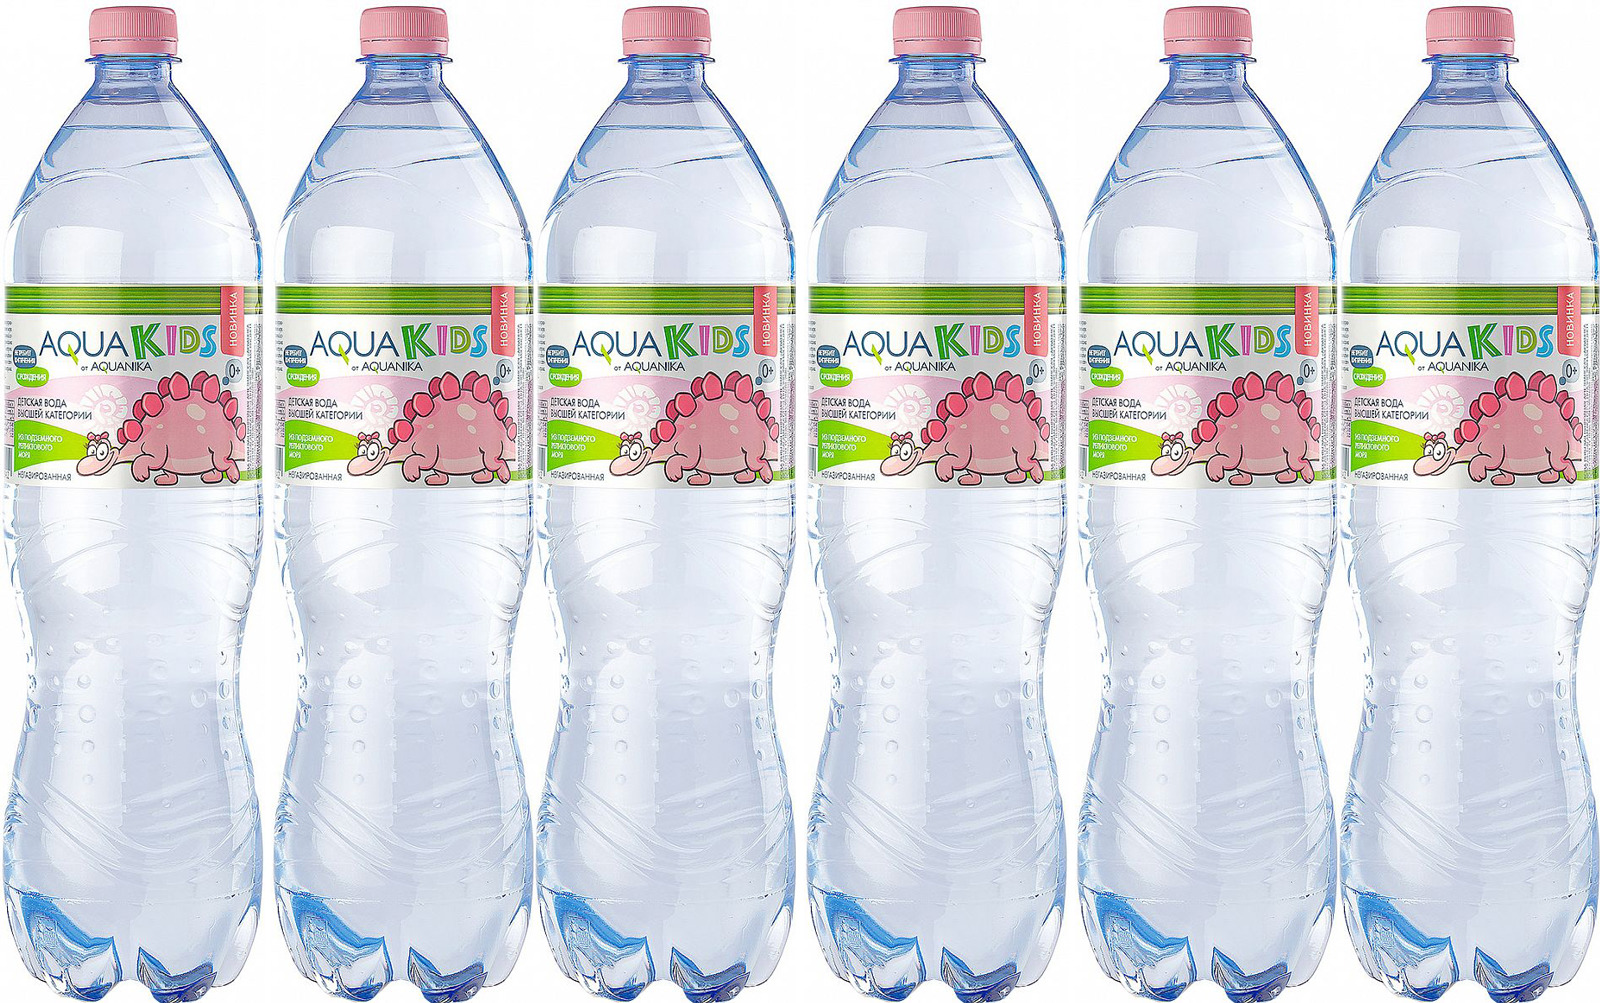 Вода Акваника высшей категории негазированная детская, 6 шт по 1,5 л акваника вода негазированная 5 л